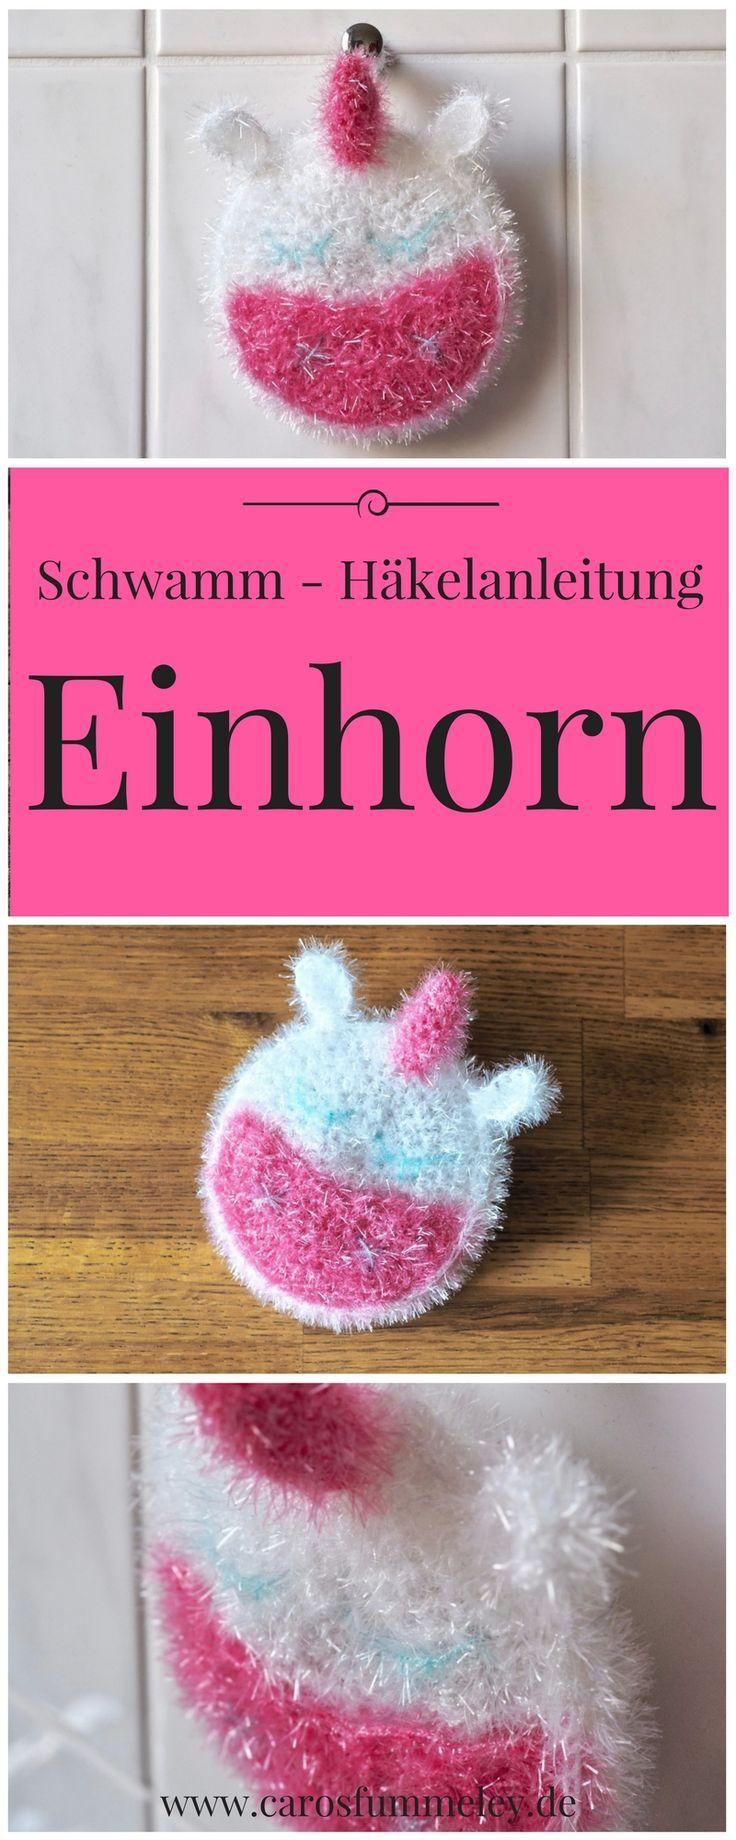 Häkelanleitung: Einhorn - Schwamm | Crochet, Diy crochet and Potholders